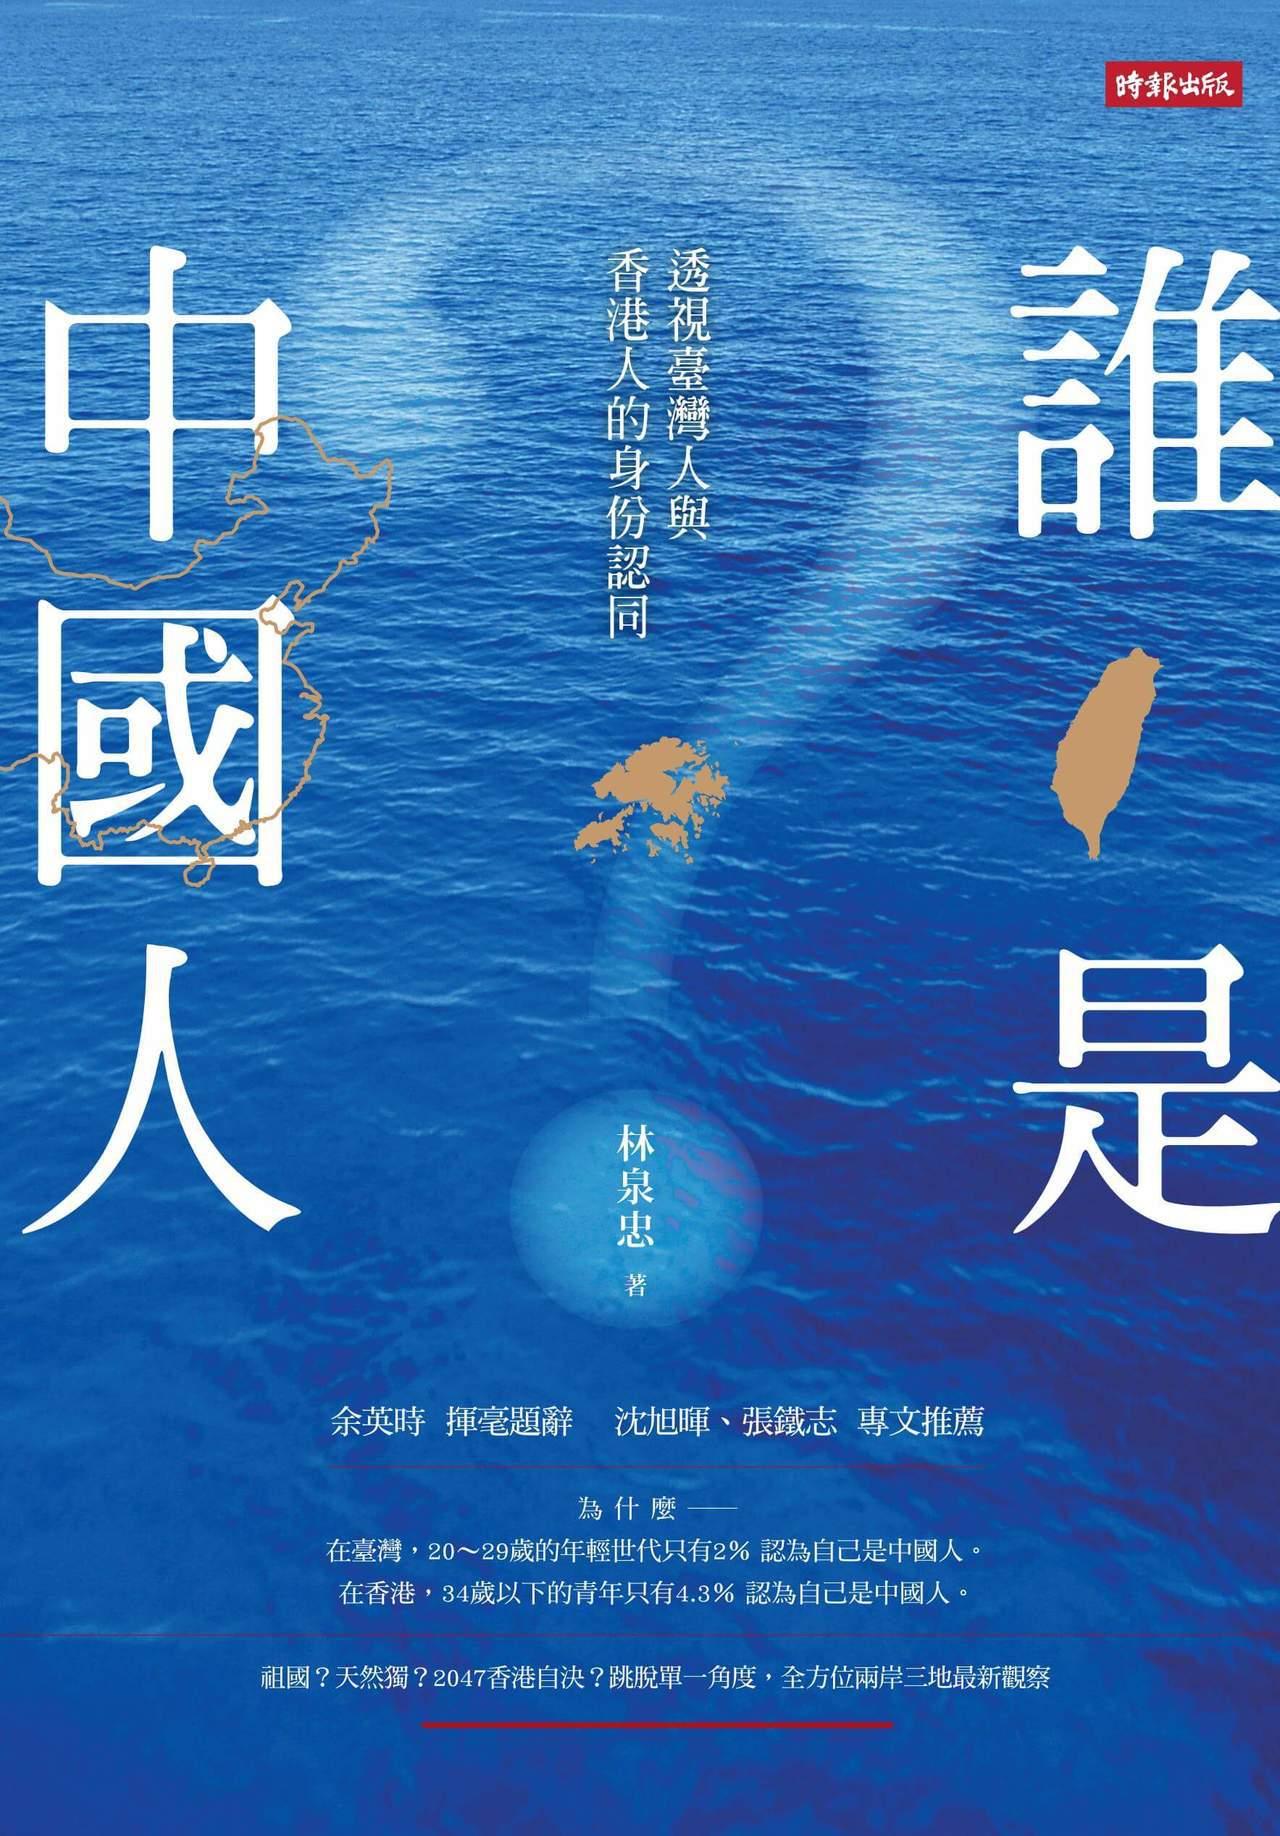 誰是中國人:透視臺灣人與香港人的身份認同。圖/時報提供